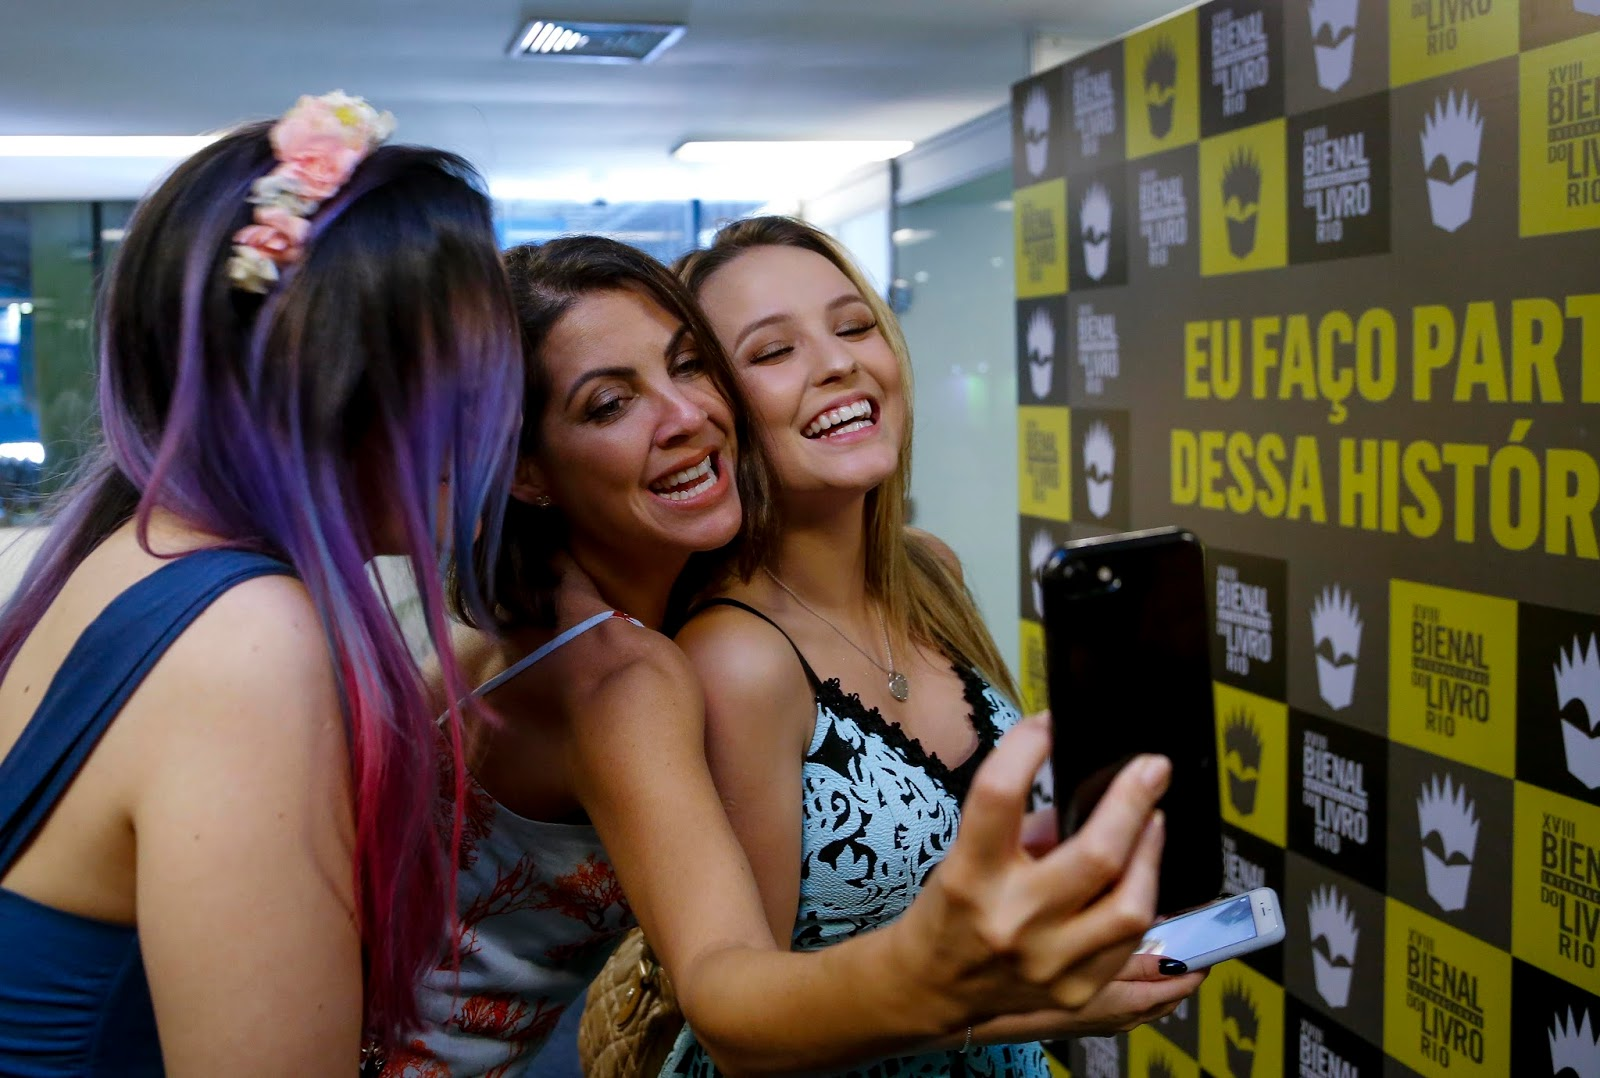 c36d291c99aed Da esquerda para direita  Luiza Trigo, Thalita Rebouças e Larissa Manoela    FOTO REPRODUÇÃO BIENAL